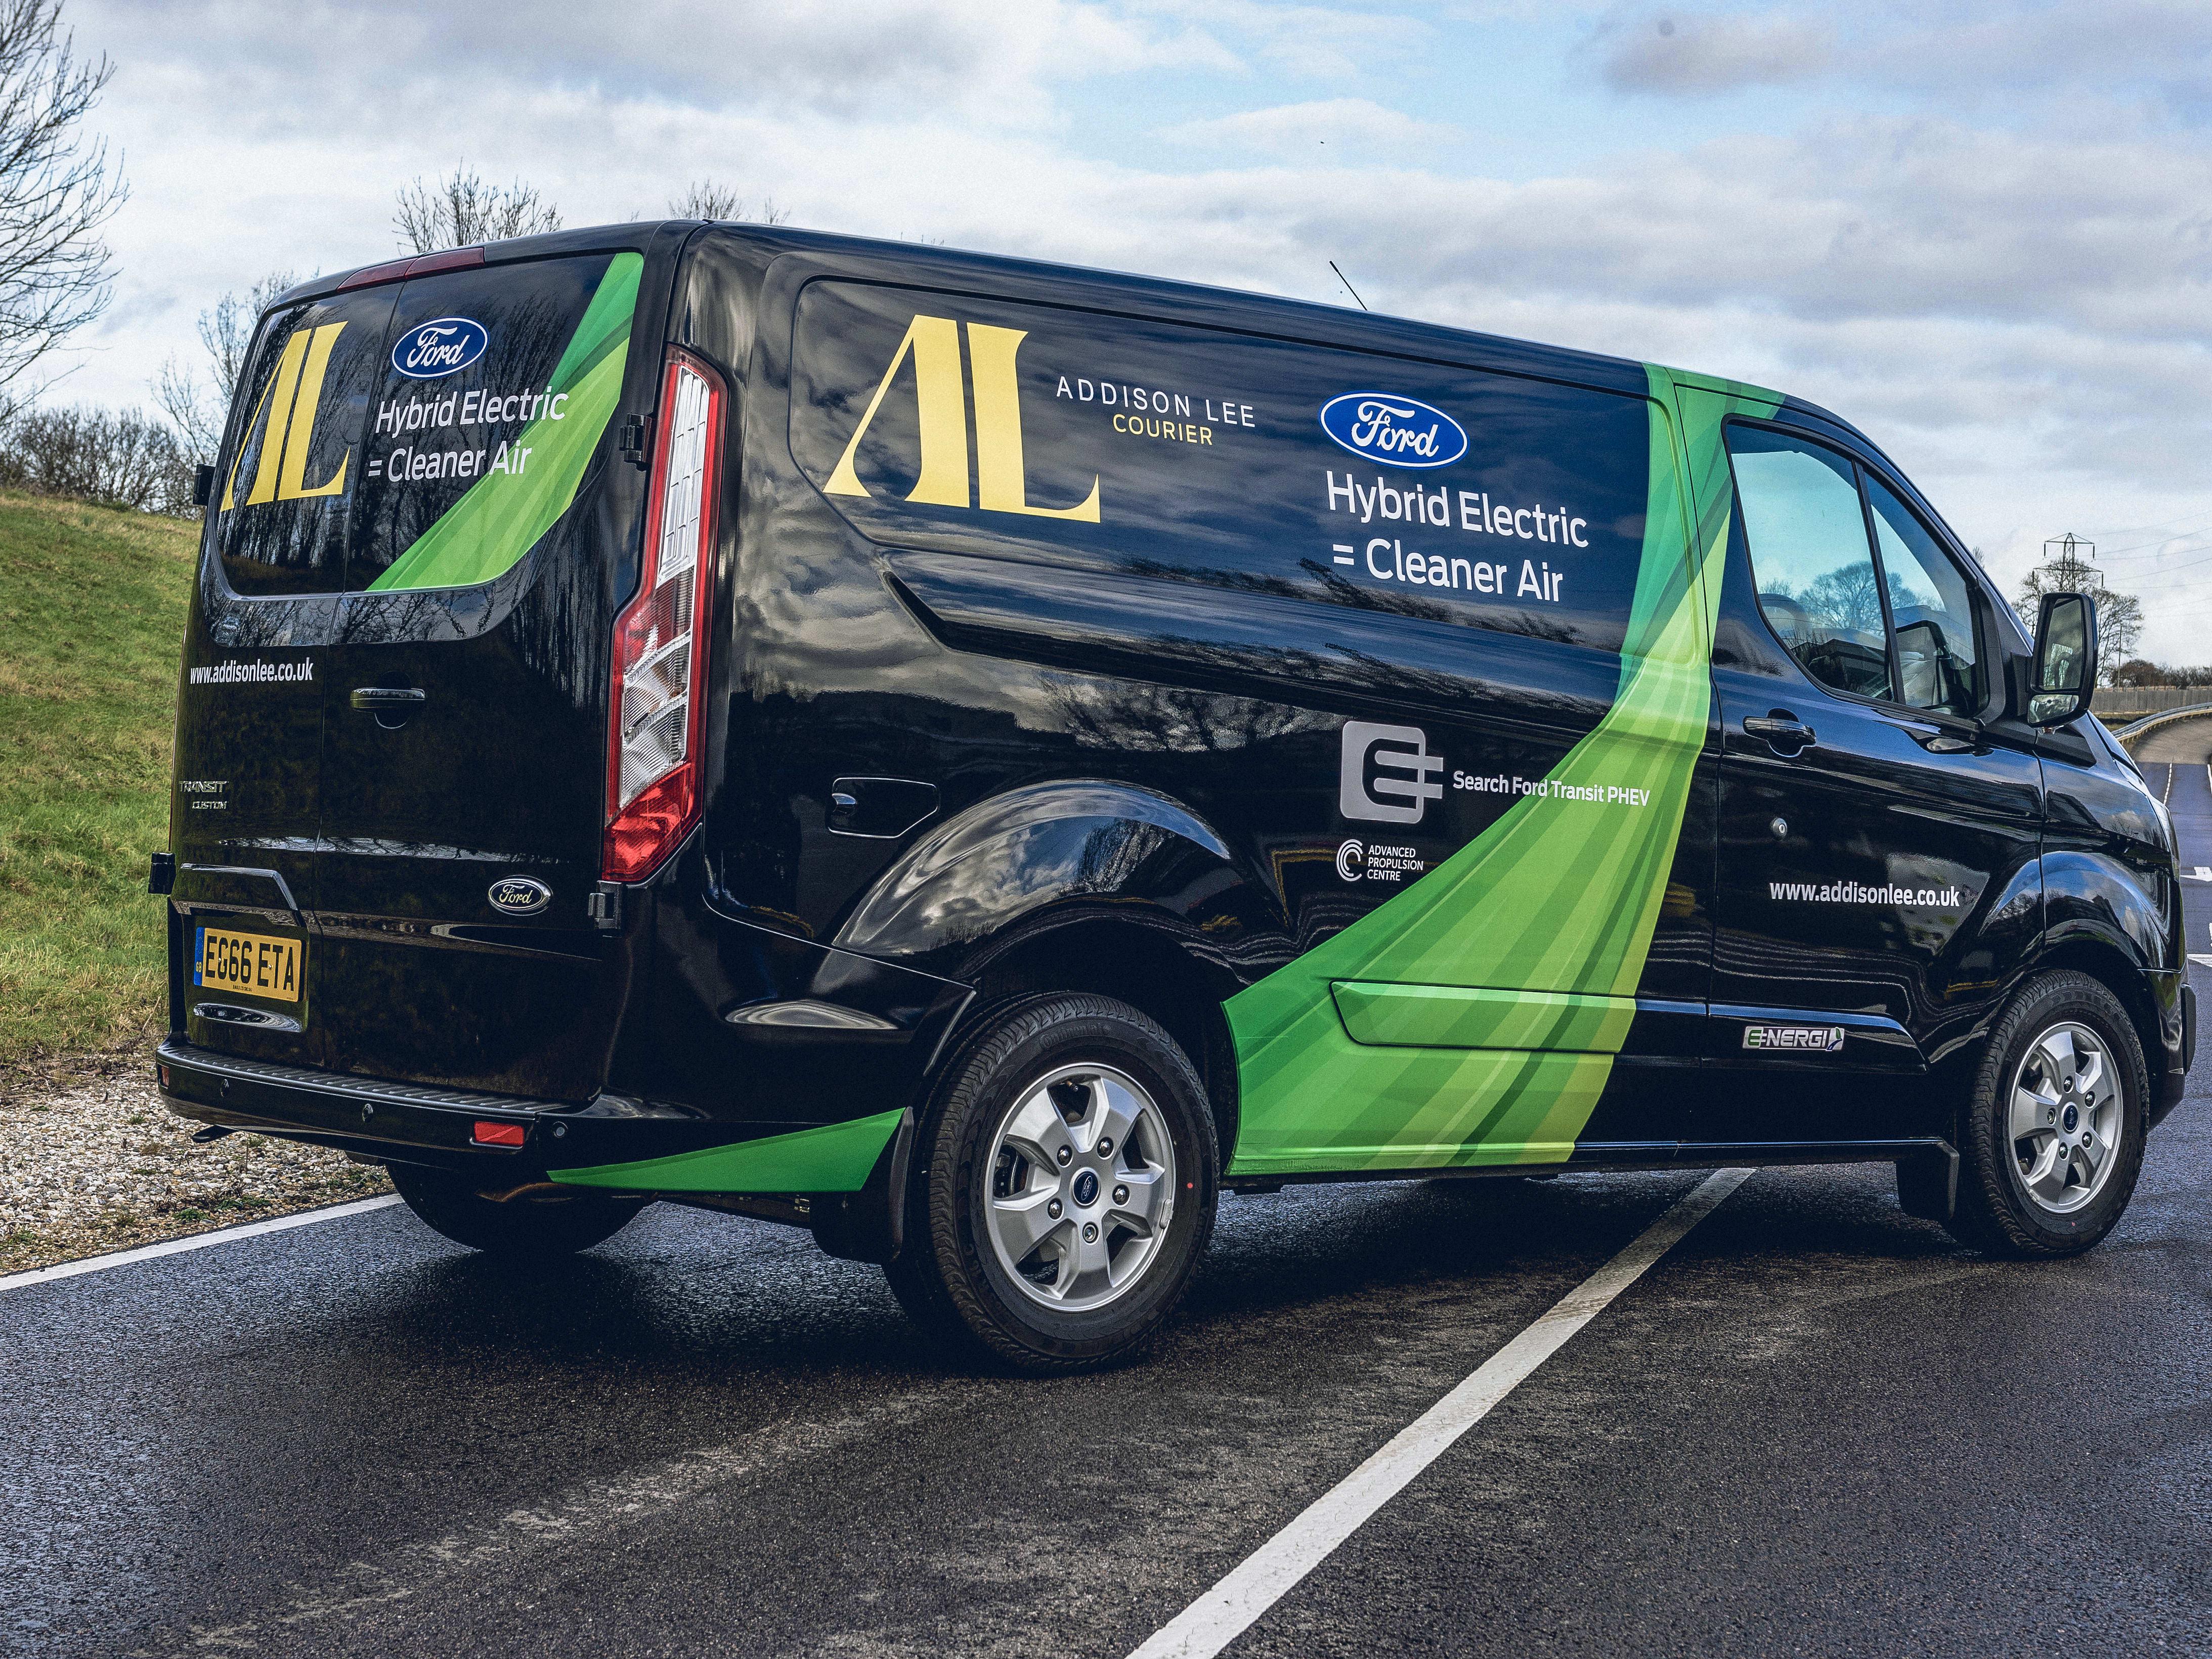 Ford Motor Company - Ford i Danmark - Mynewsdesk